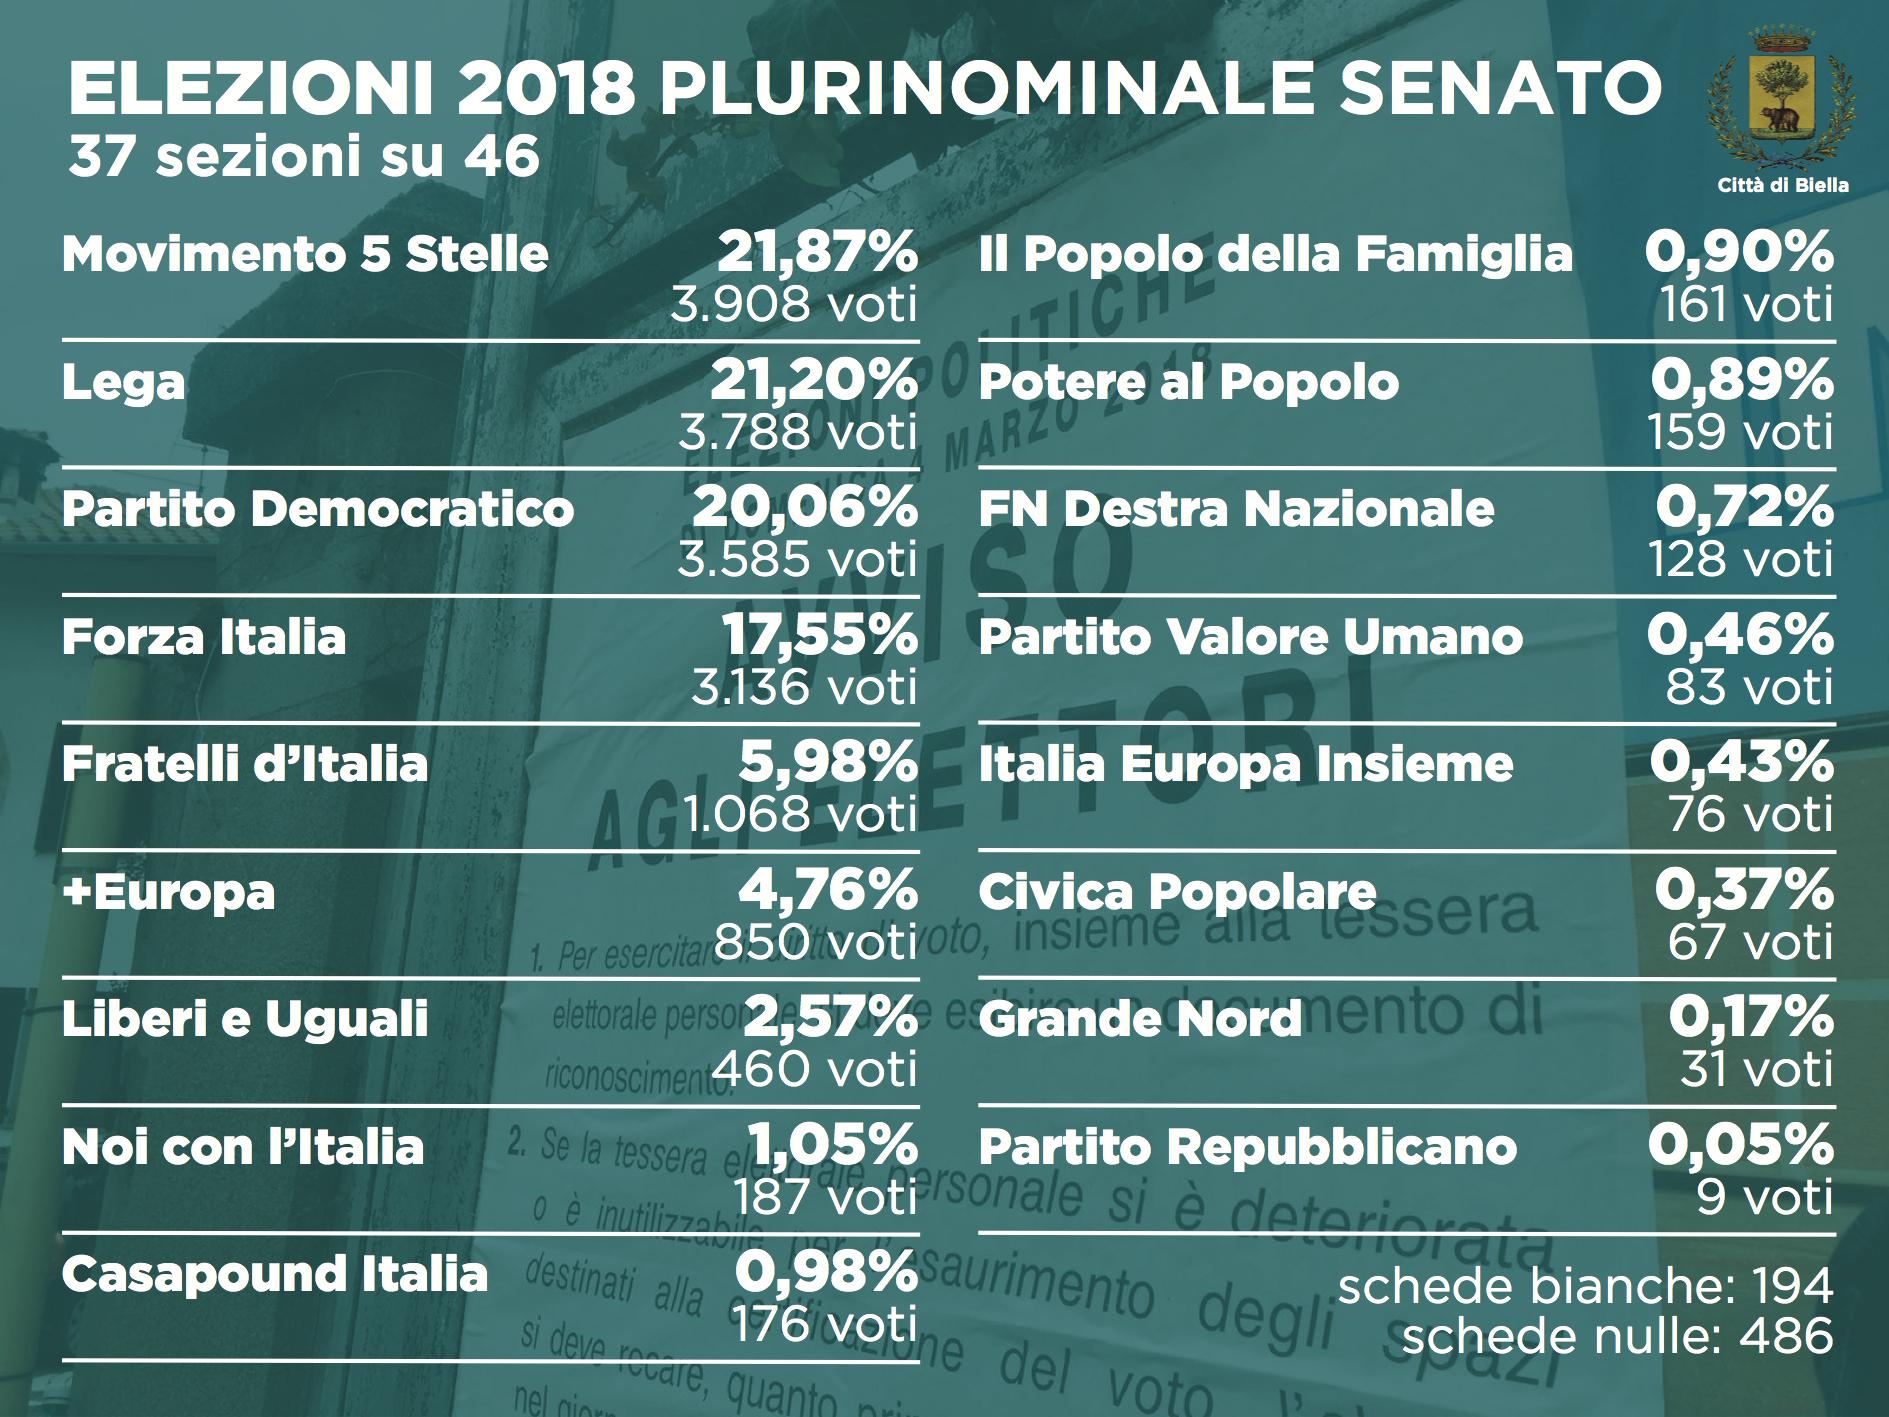 Elezioni 2018: i dati del plurinominale al Senato (37 sezioni su 46)